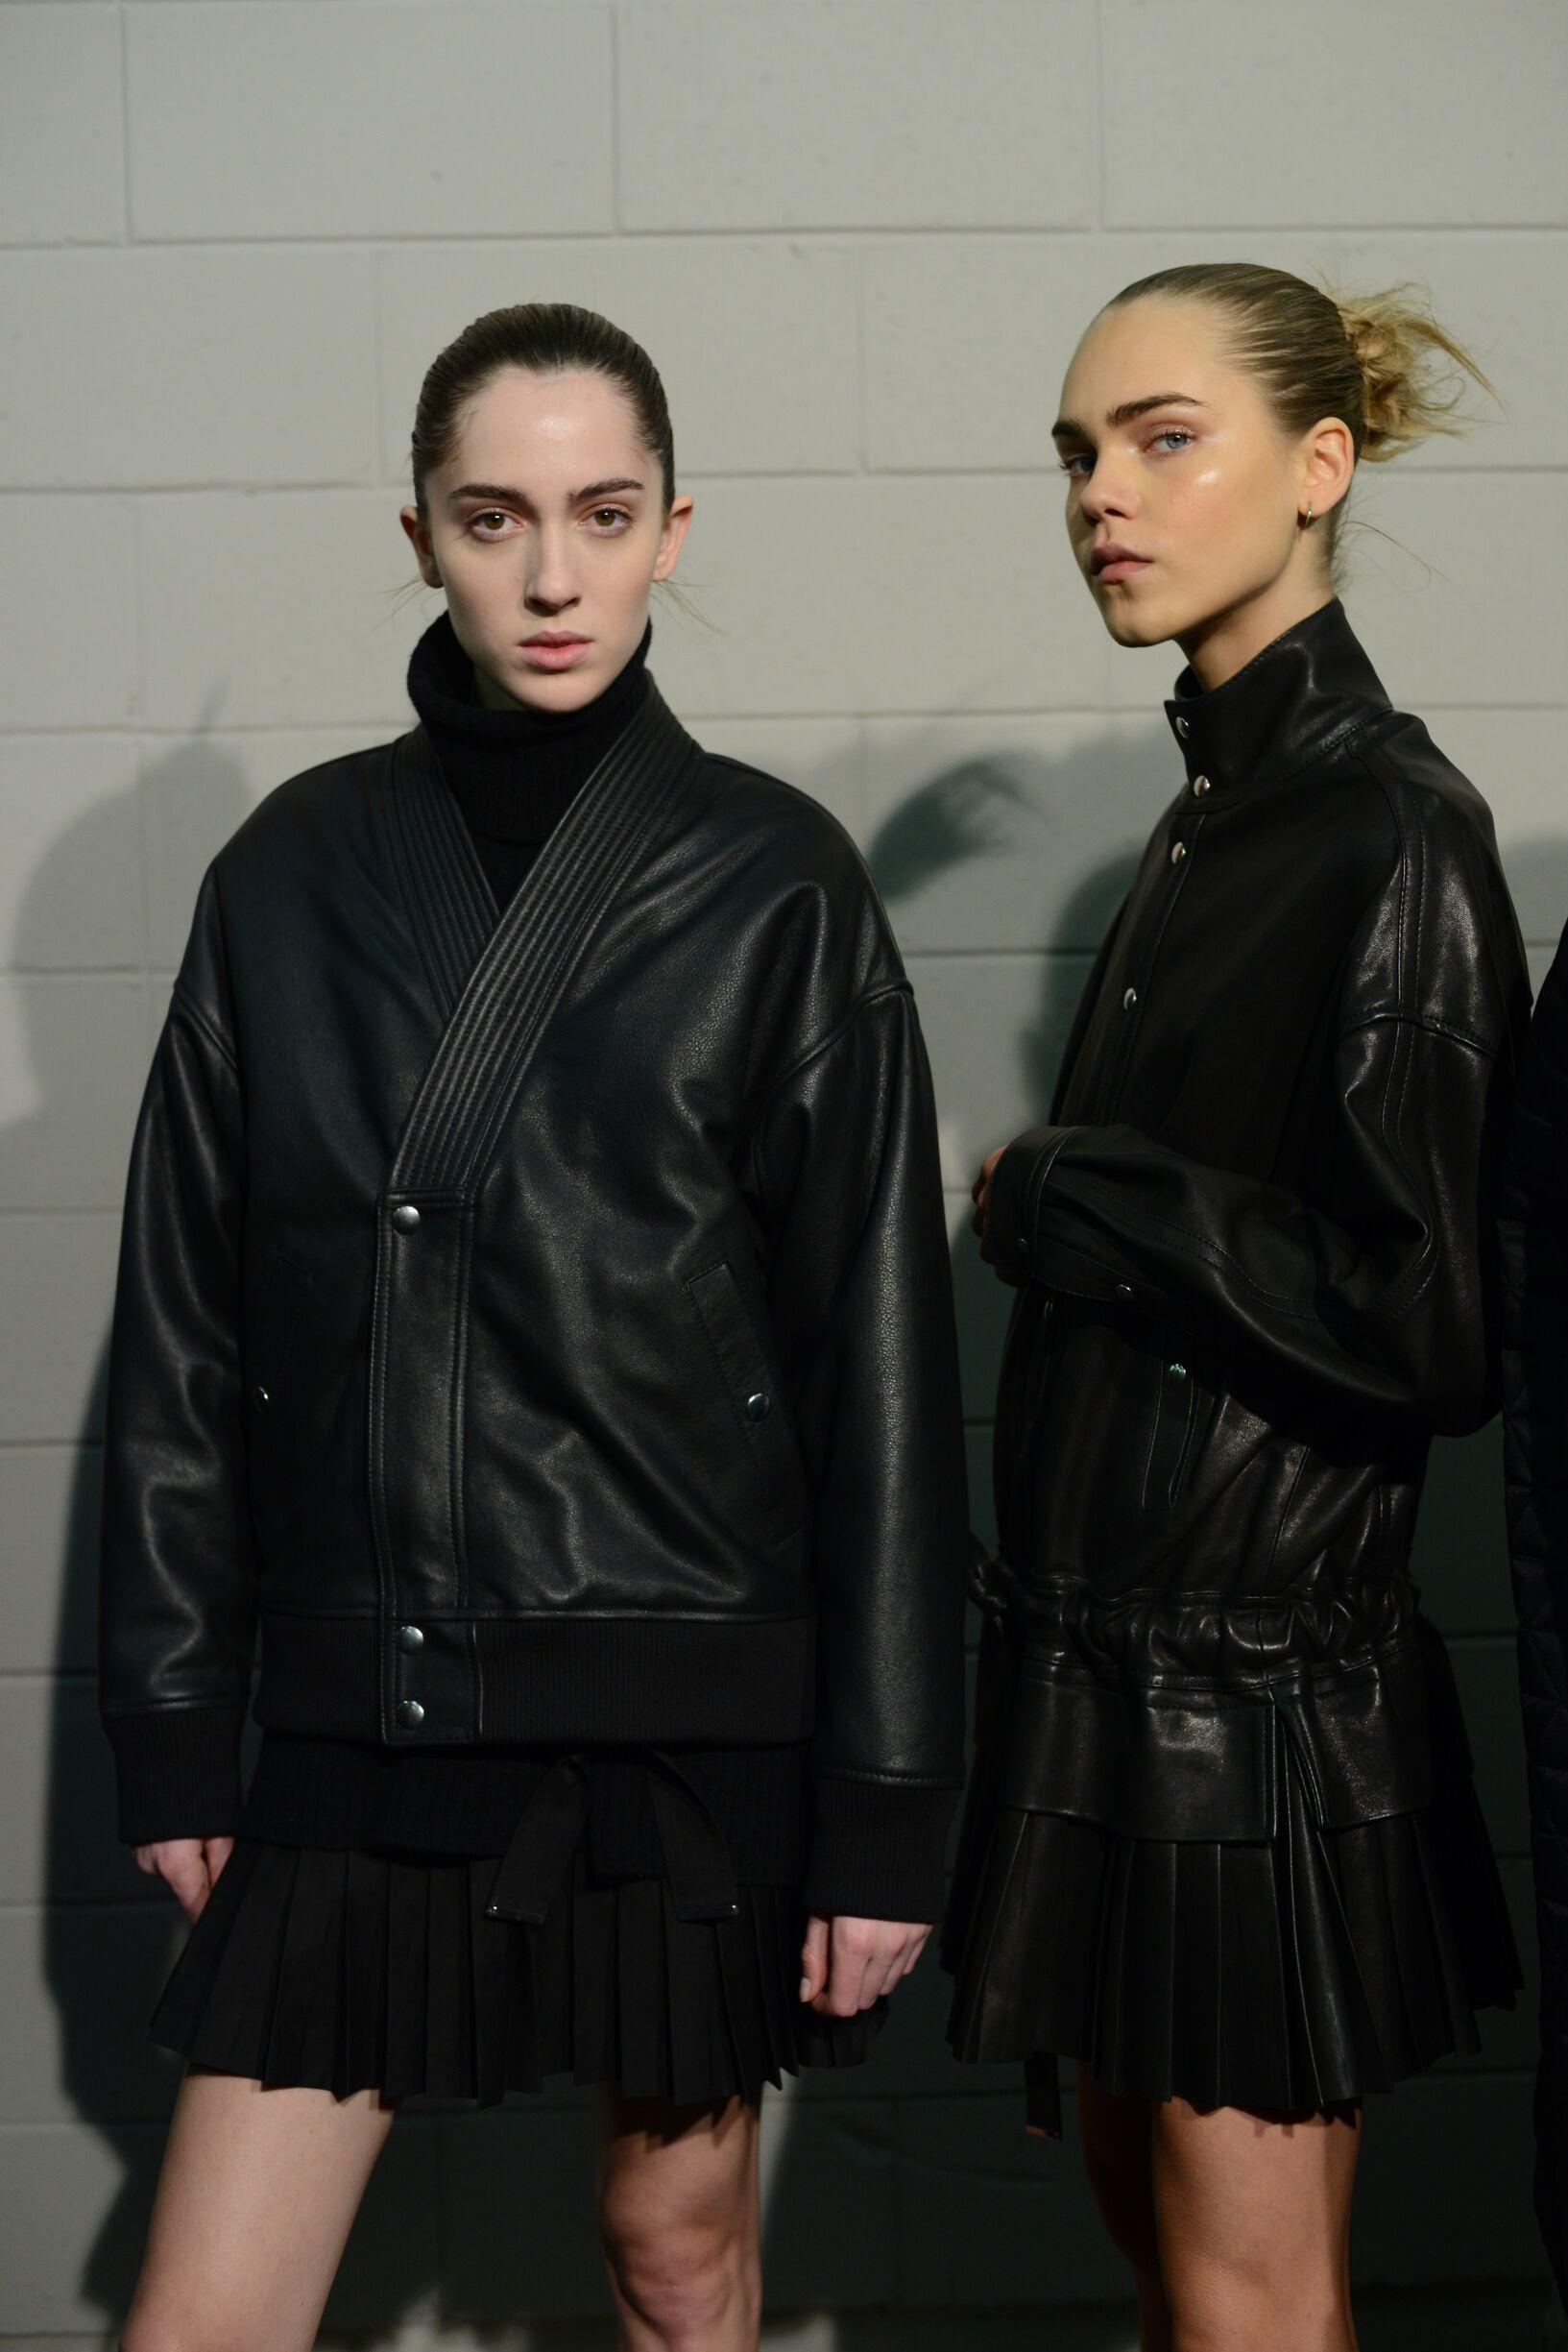 Women Models Diesel Black Gold Backstage